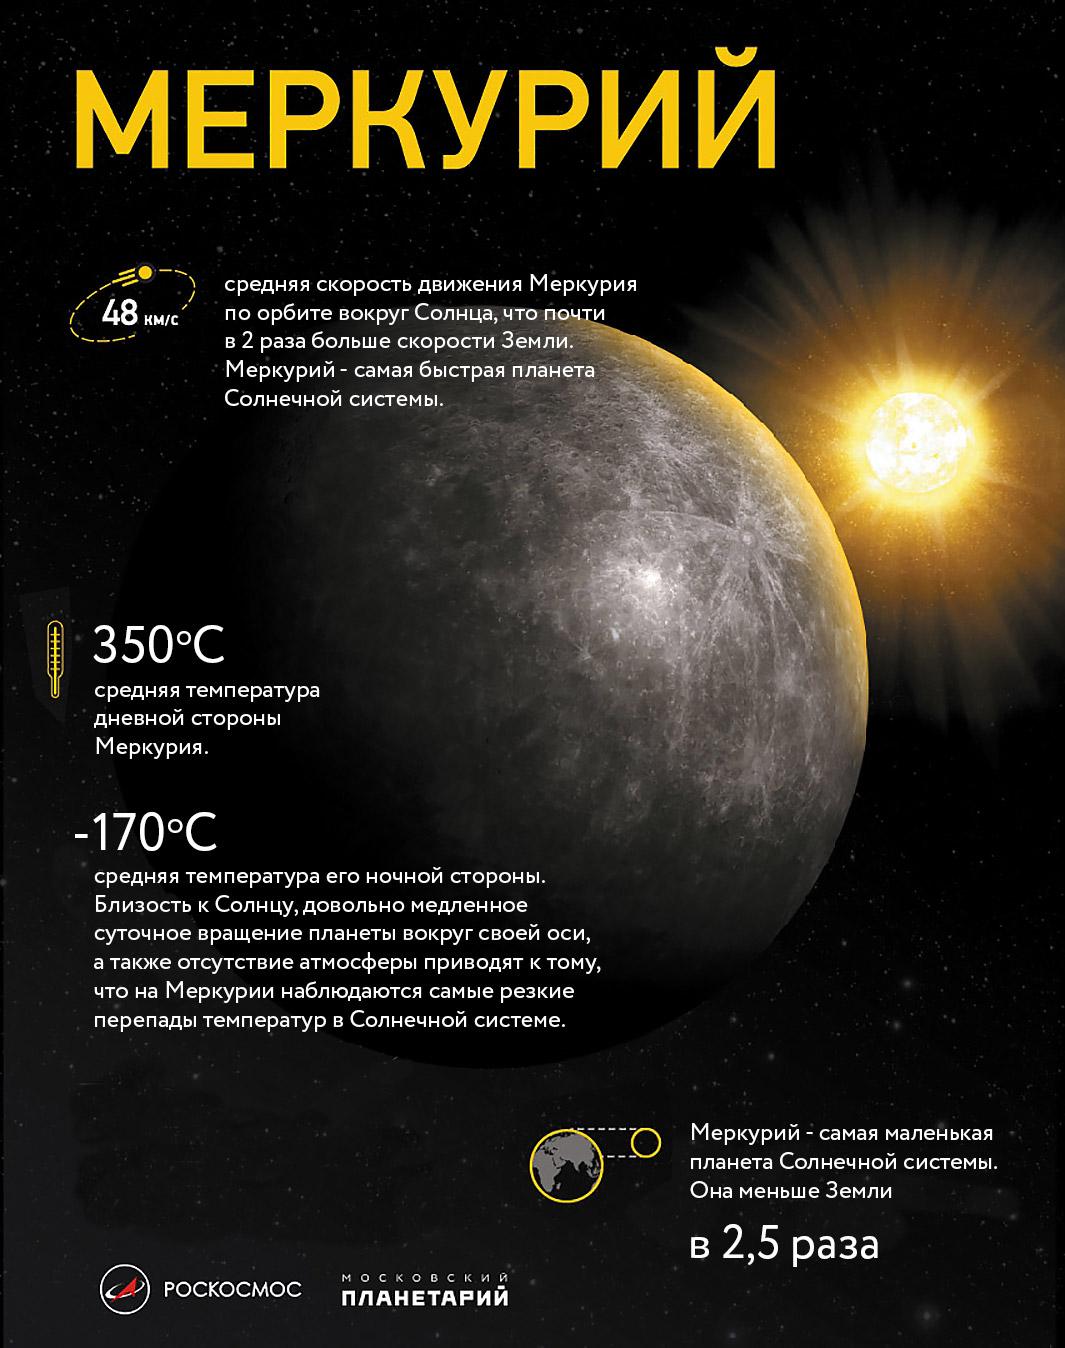 атмосфера давление химический состав меркурия